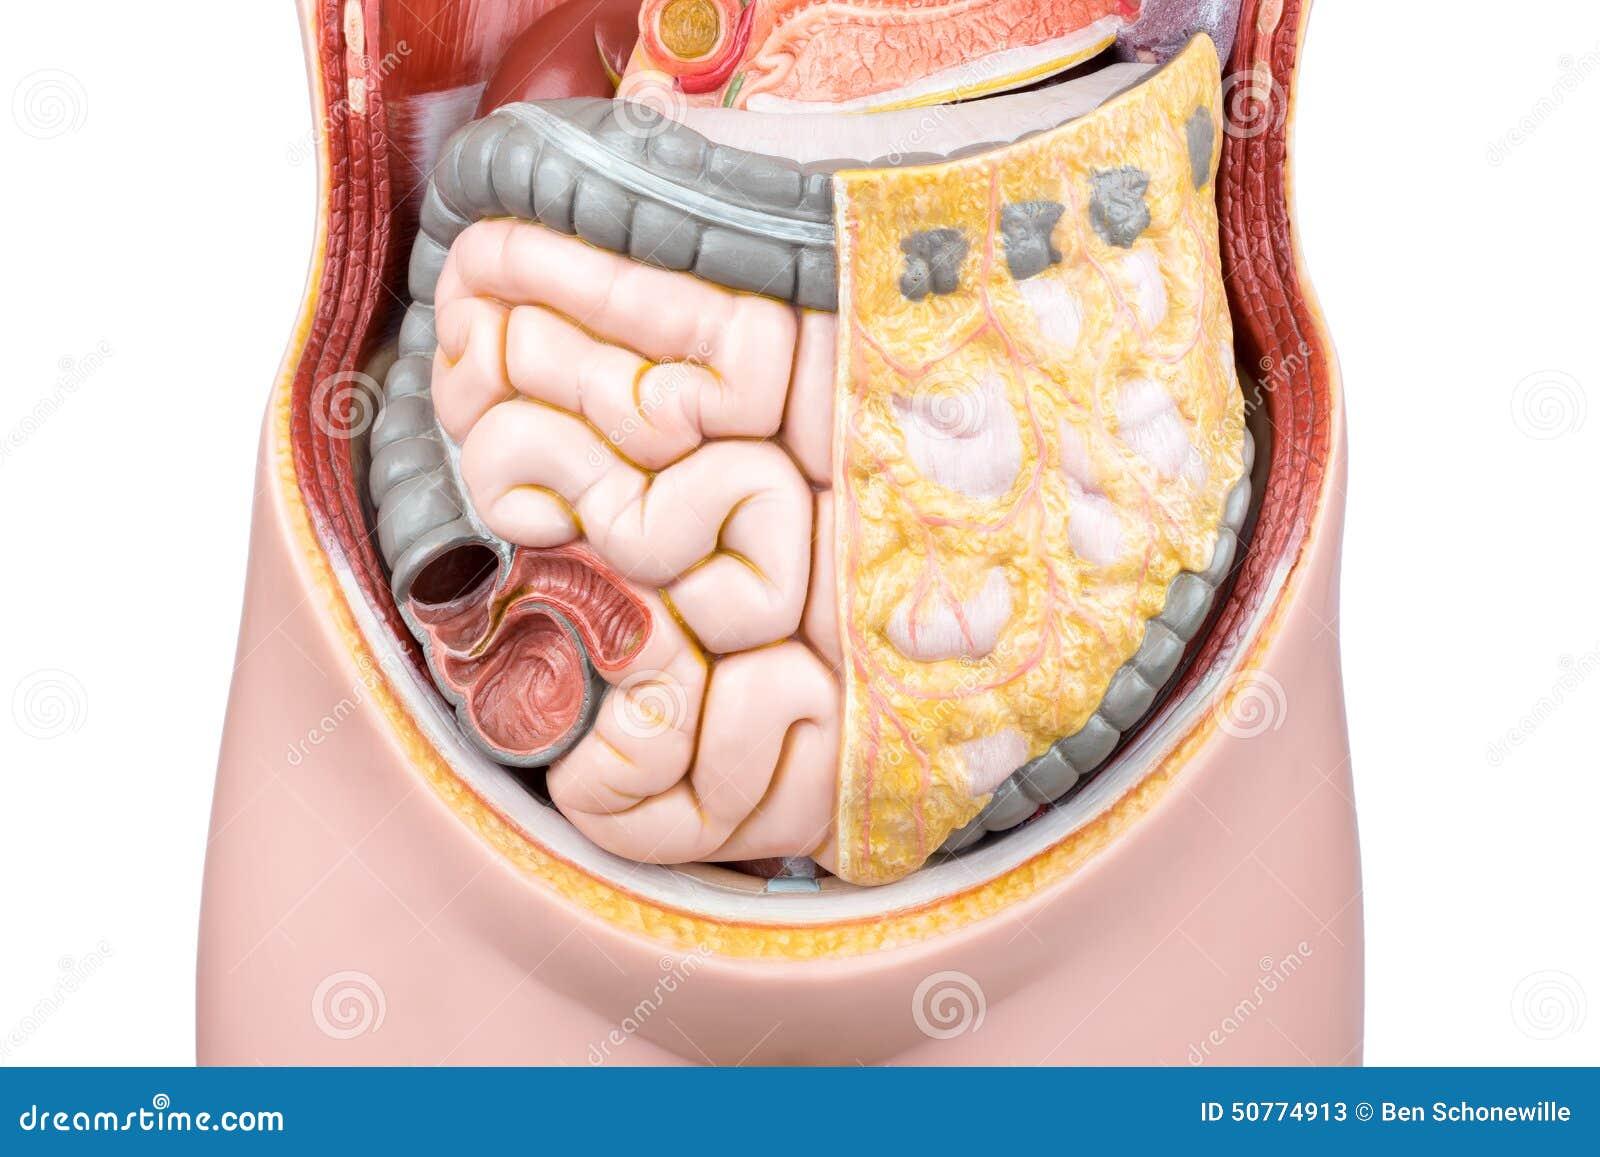 Modelo Artificial De Intestinos O De Intestinos Humanos Imagen de ...